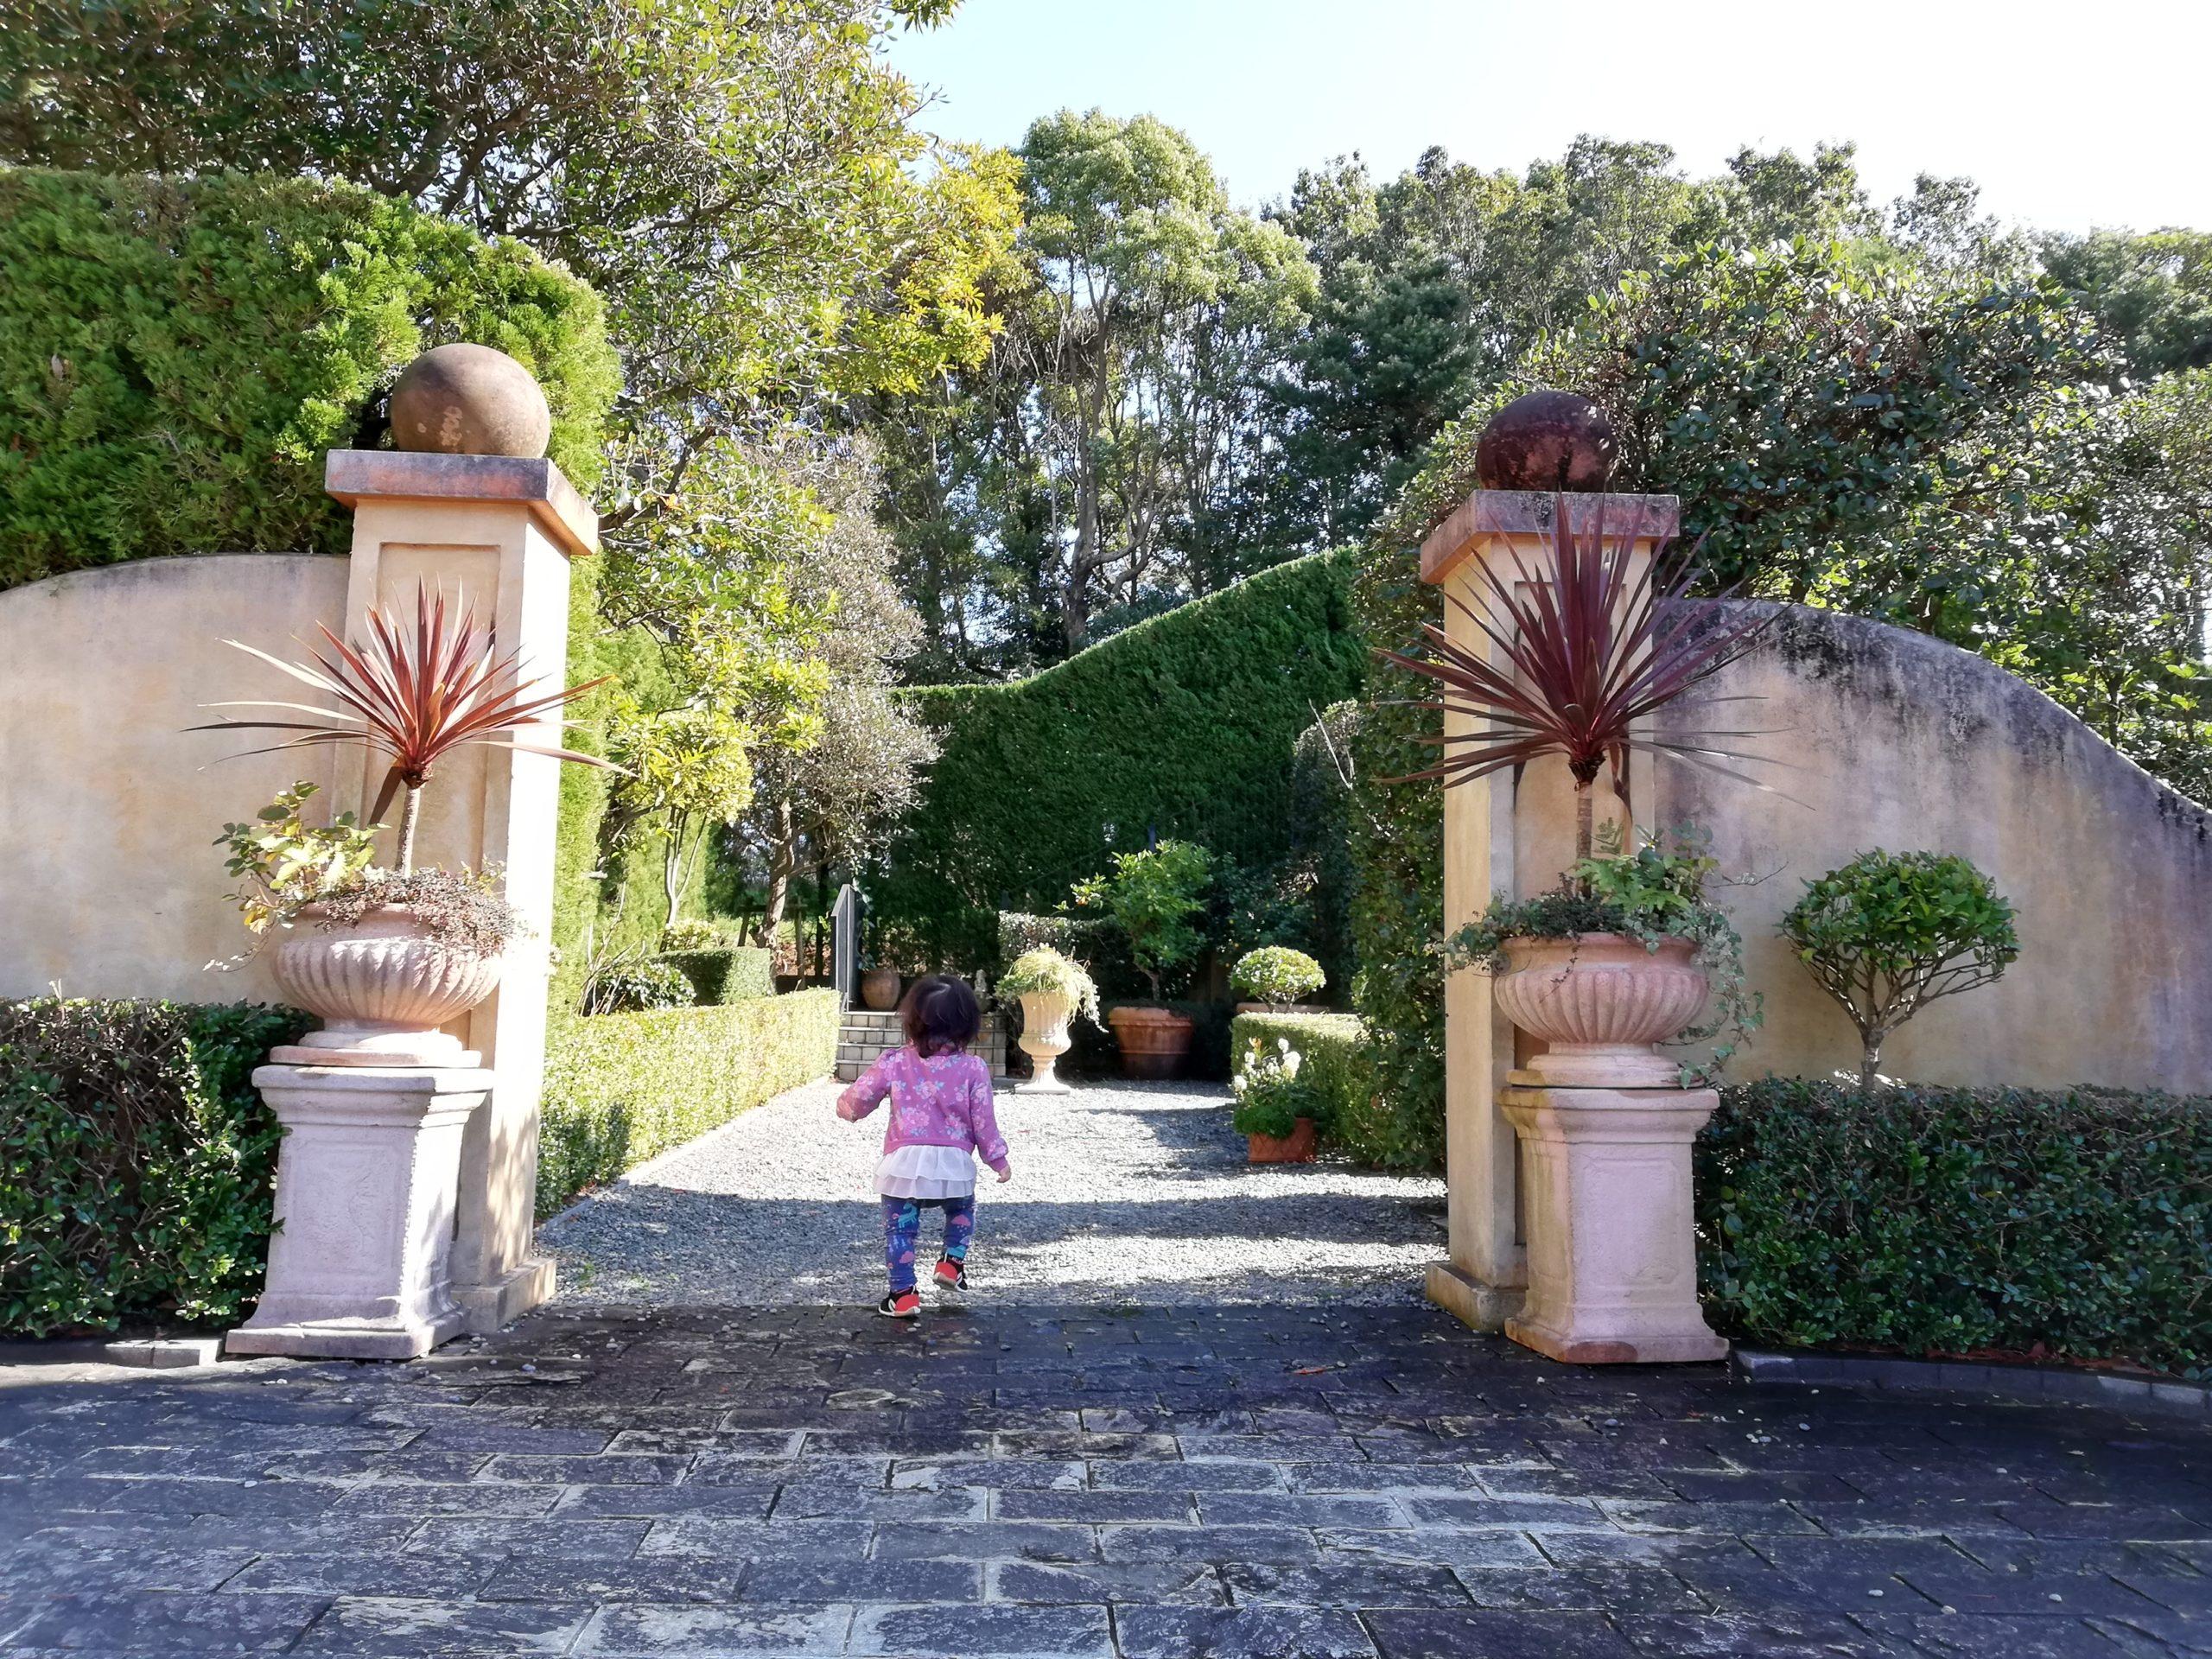 静岡県内でペットと遊ぶ 静岡県浜松市 浜名湖ガーデンパーク 国際庭園 イタリア 子どもが気に入った!